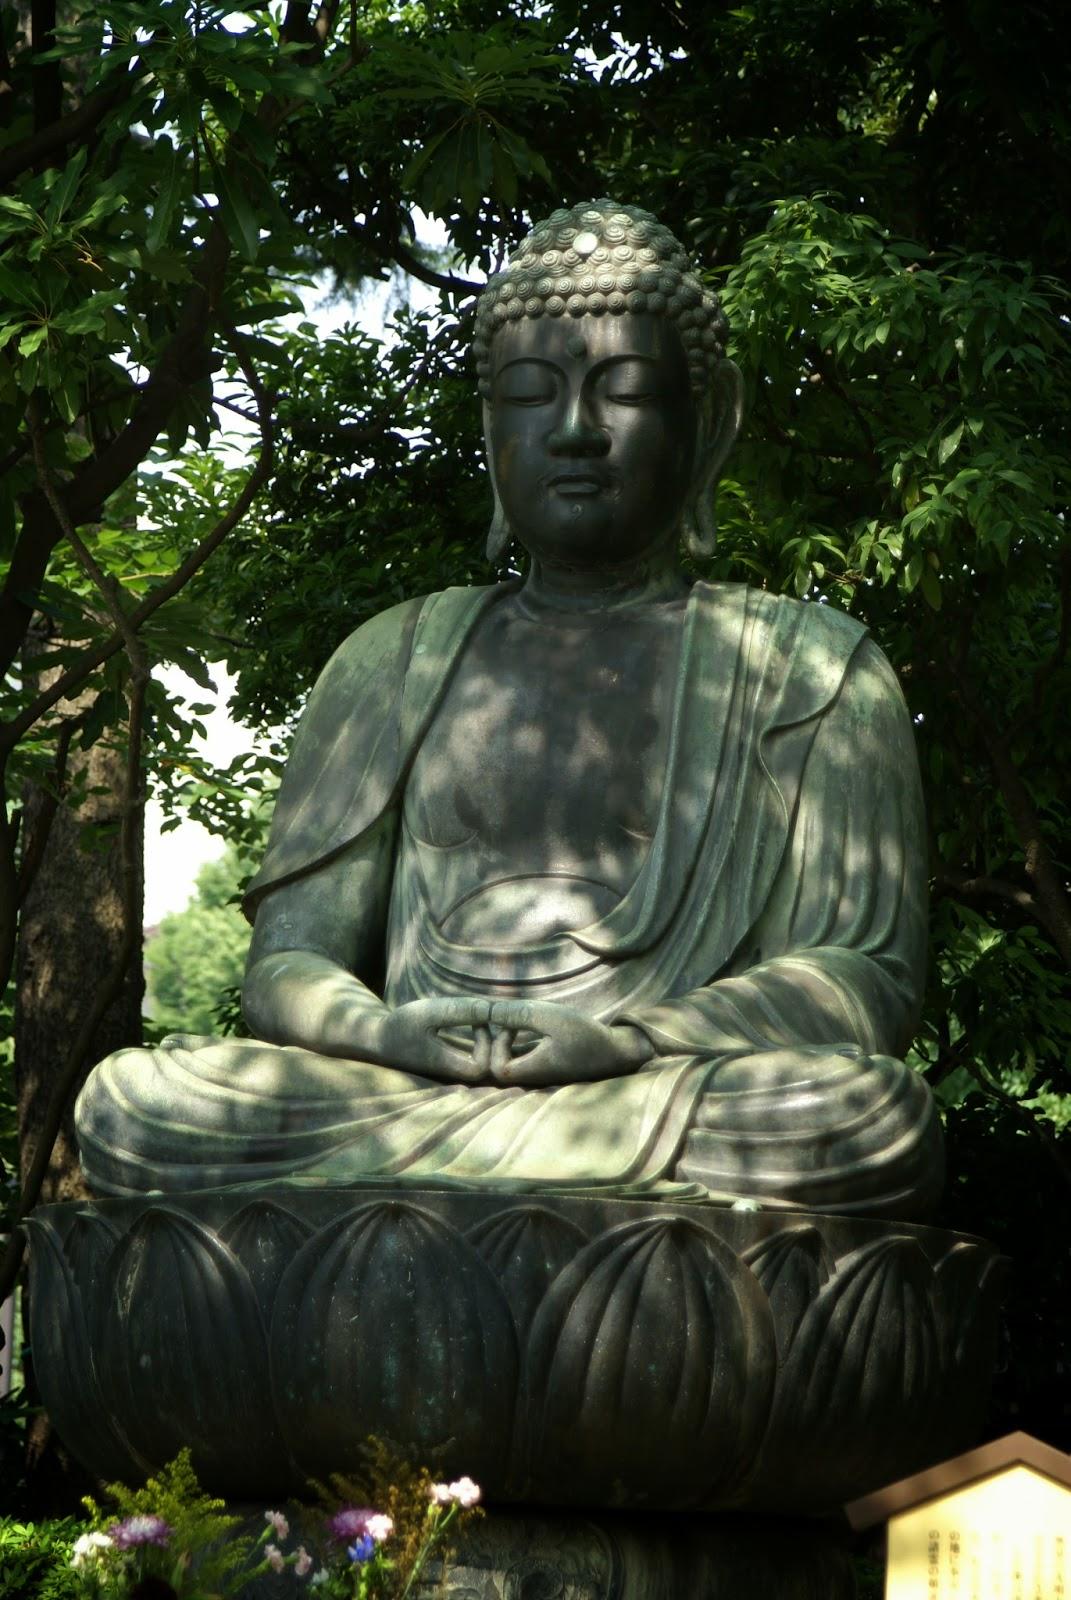 Bouddha japonais en bronze